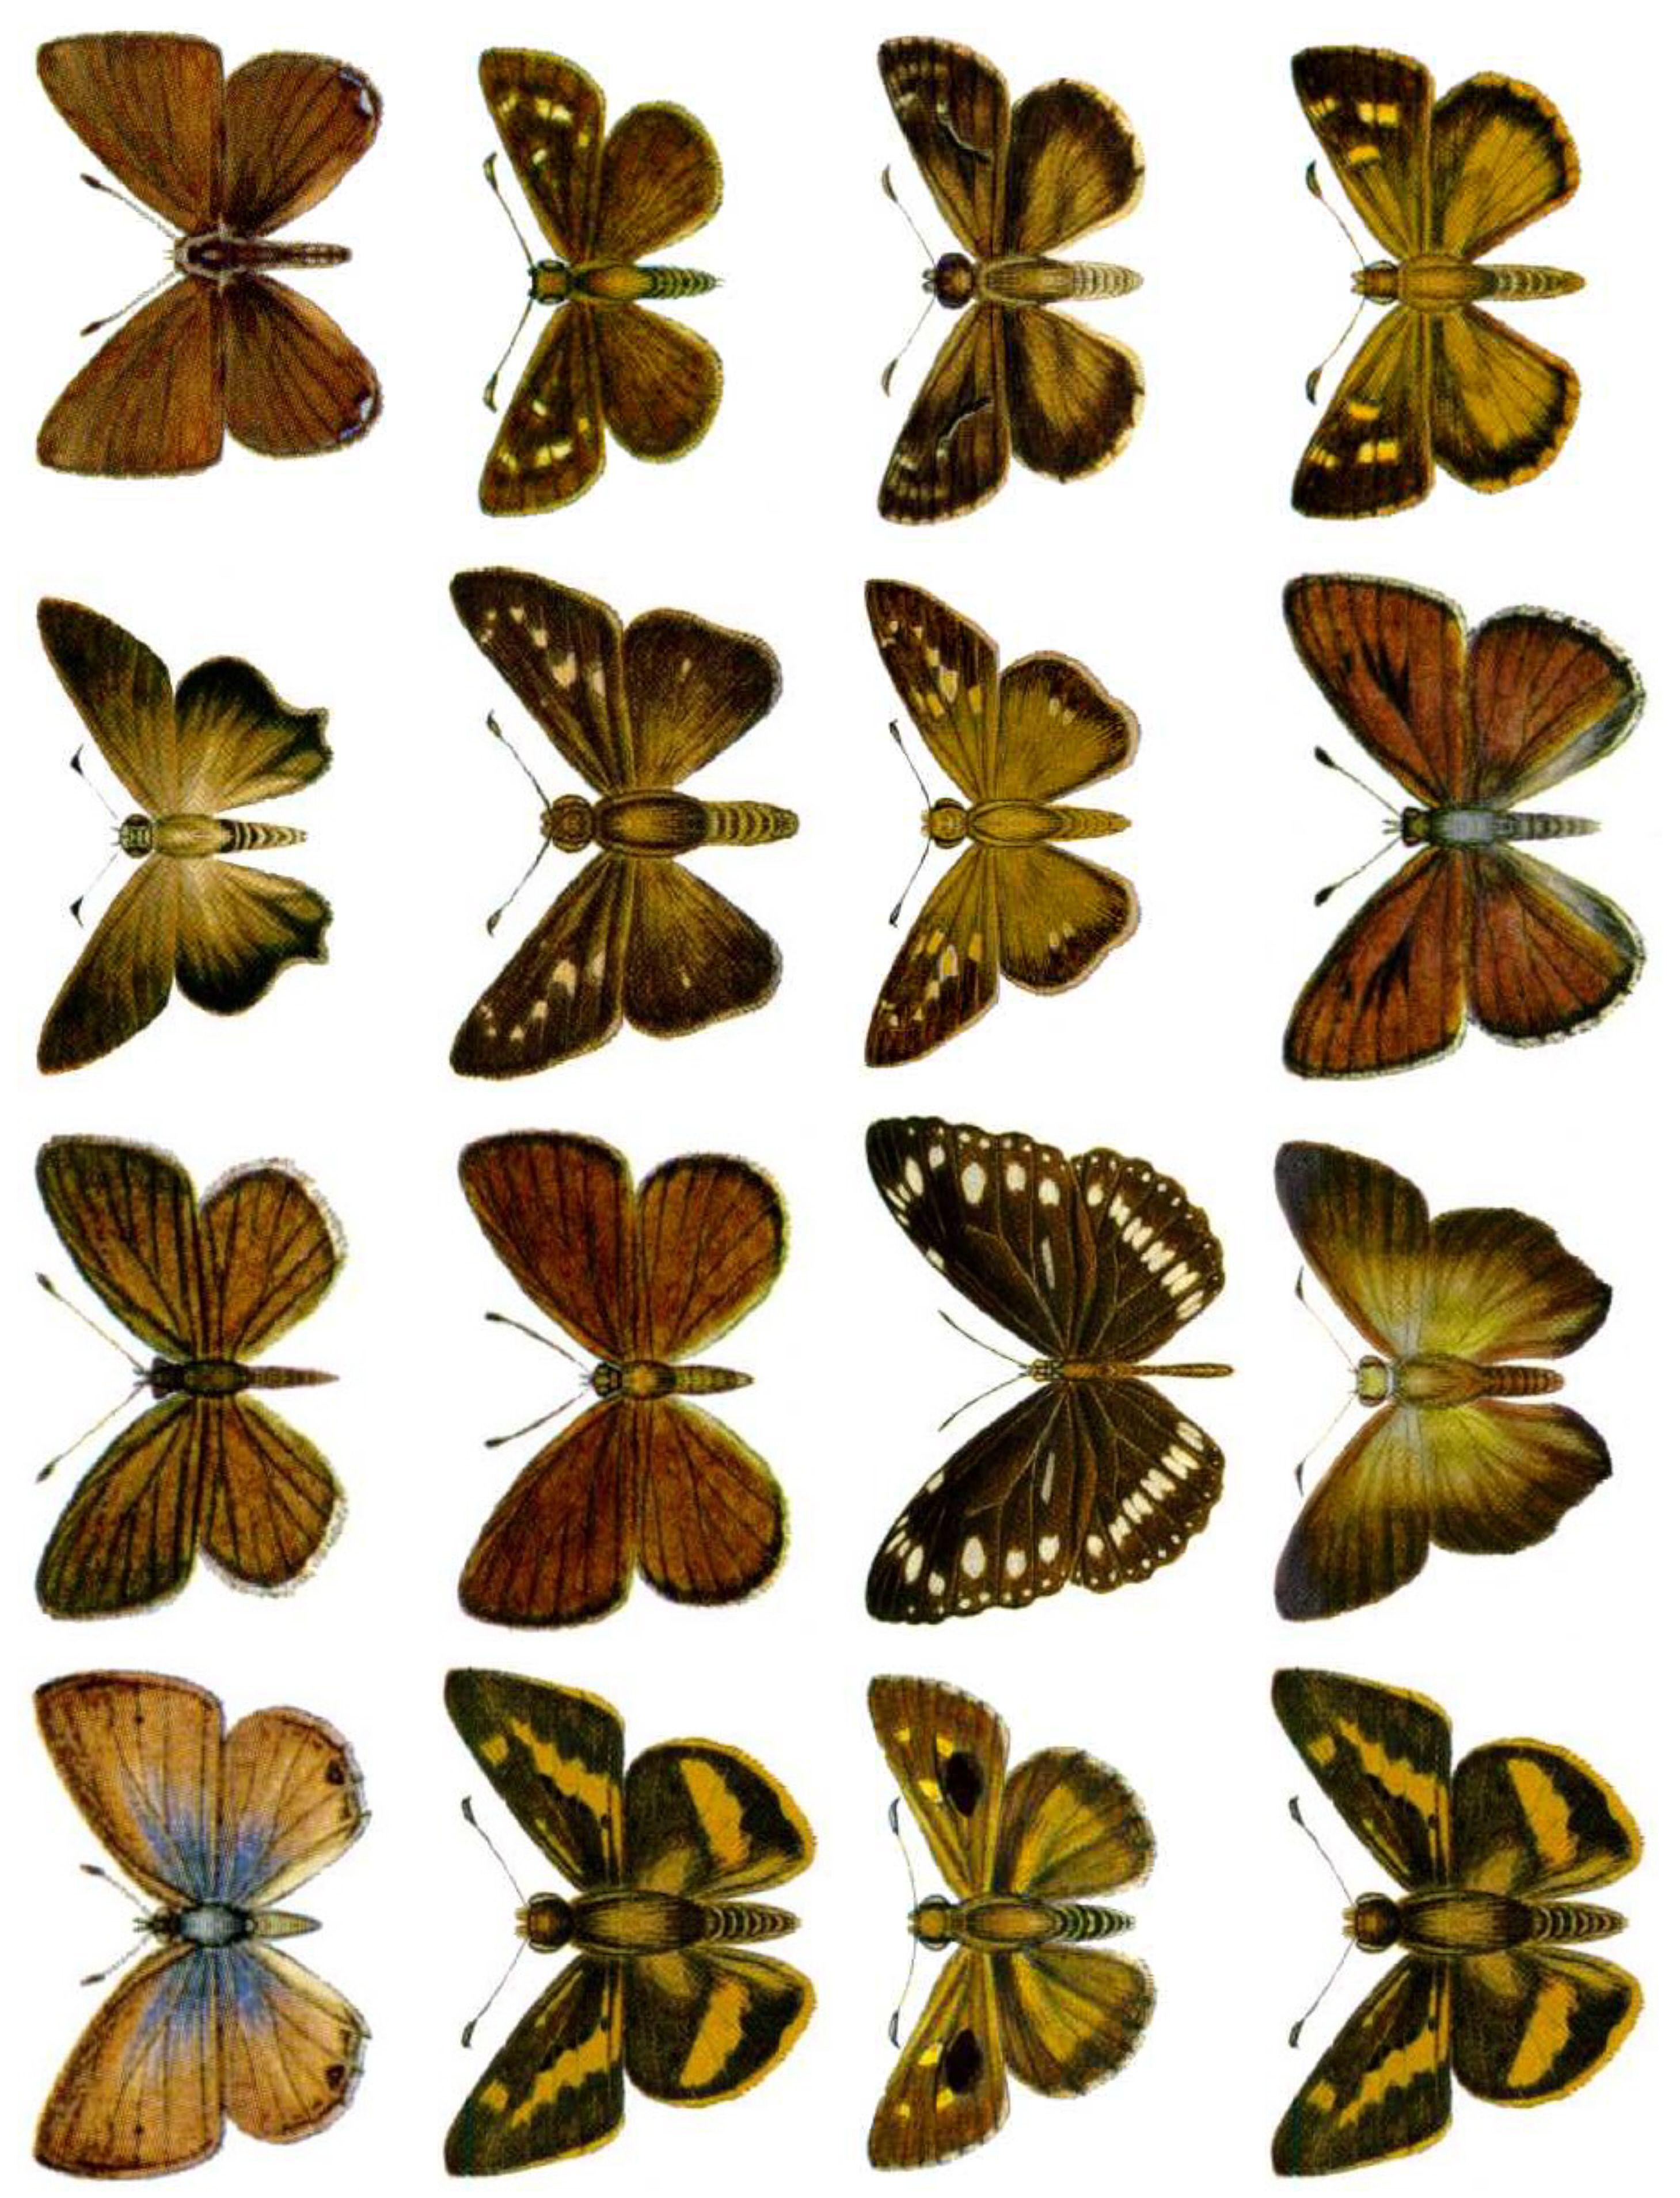 http://photos.imageevent.com/imagesbykim/traderscorner/printablecollagesheets/49%20Set%20of%2016%20Butterflies.jpg